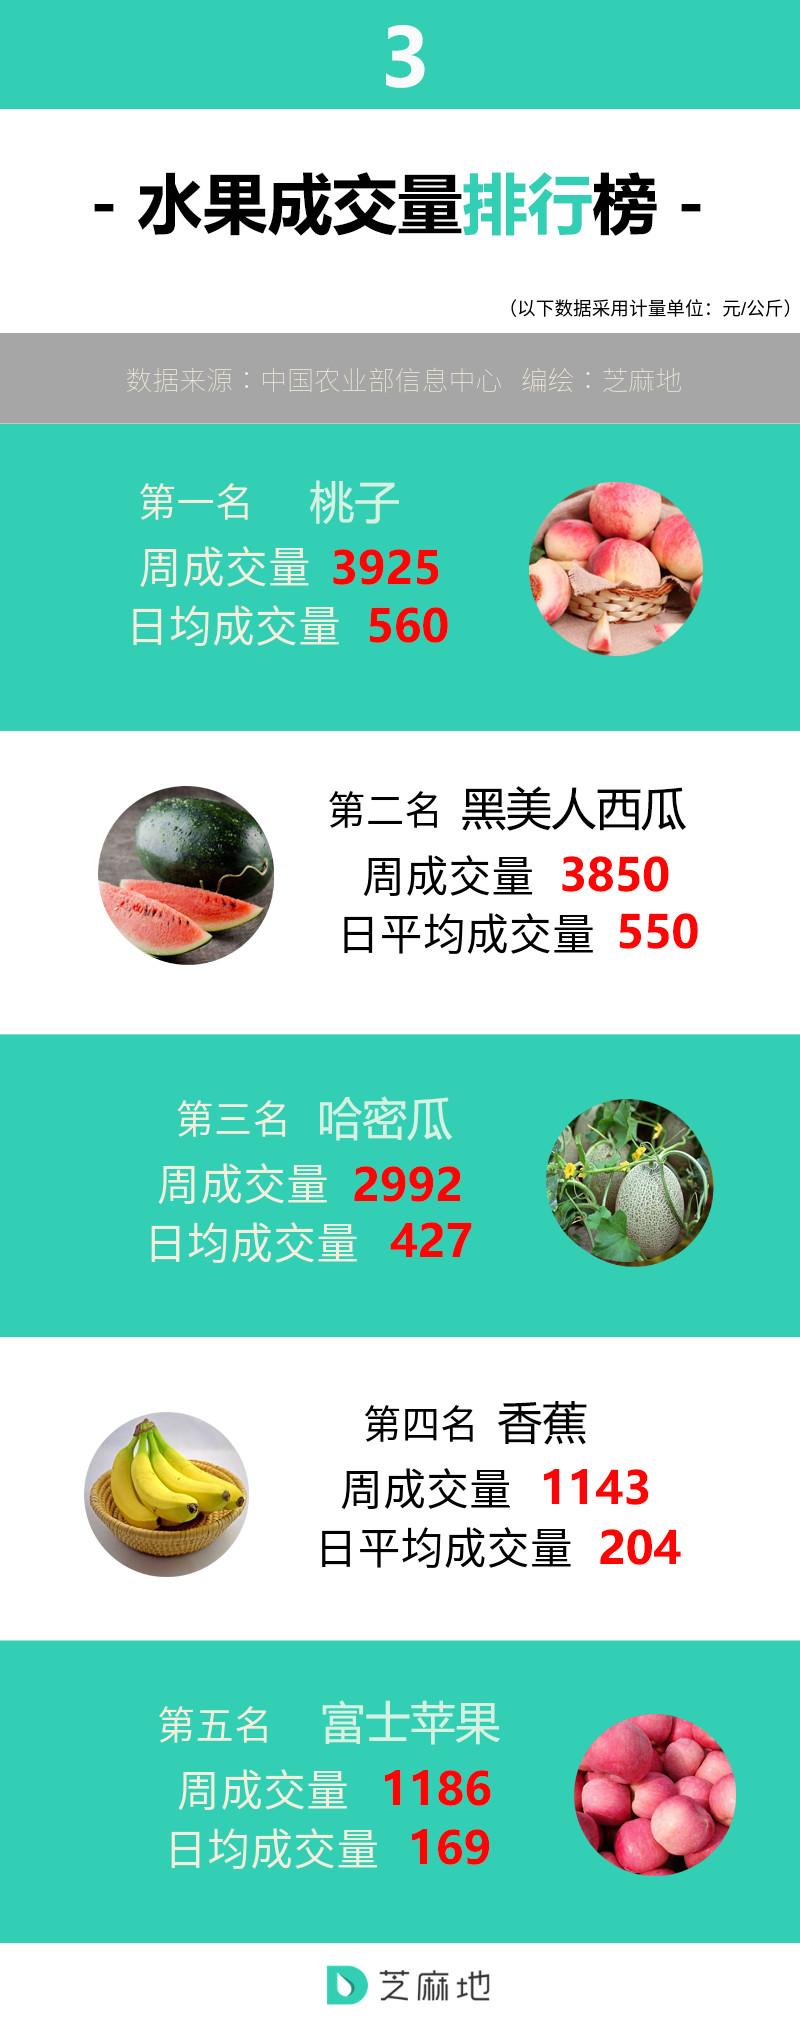 水果成交量排行榜.jpg